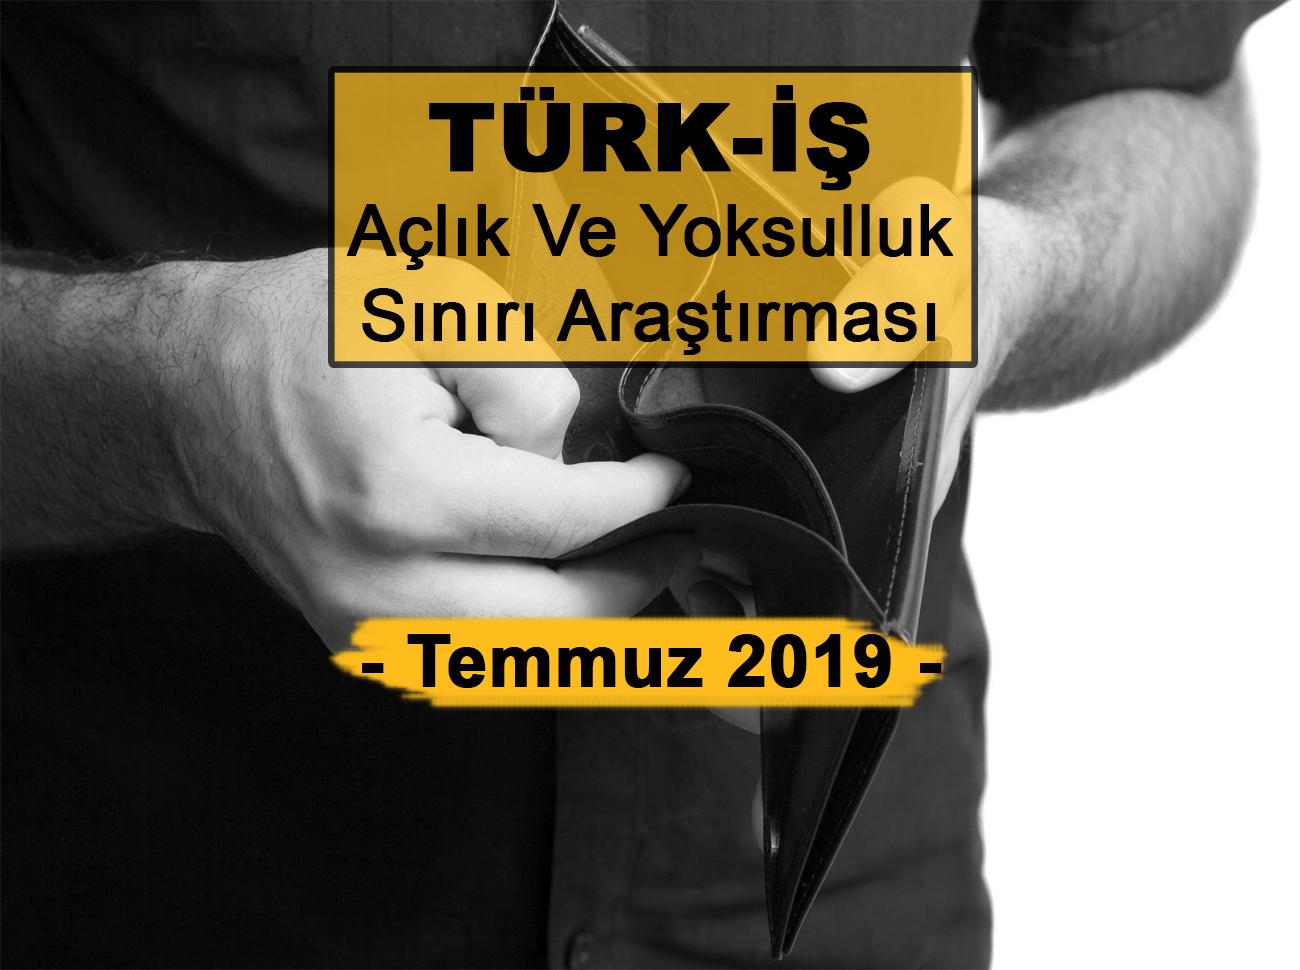 TÜRK-İŞ Açlık Ve Yoksulluk Sınırı Temmuz 2019